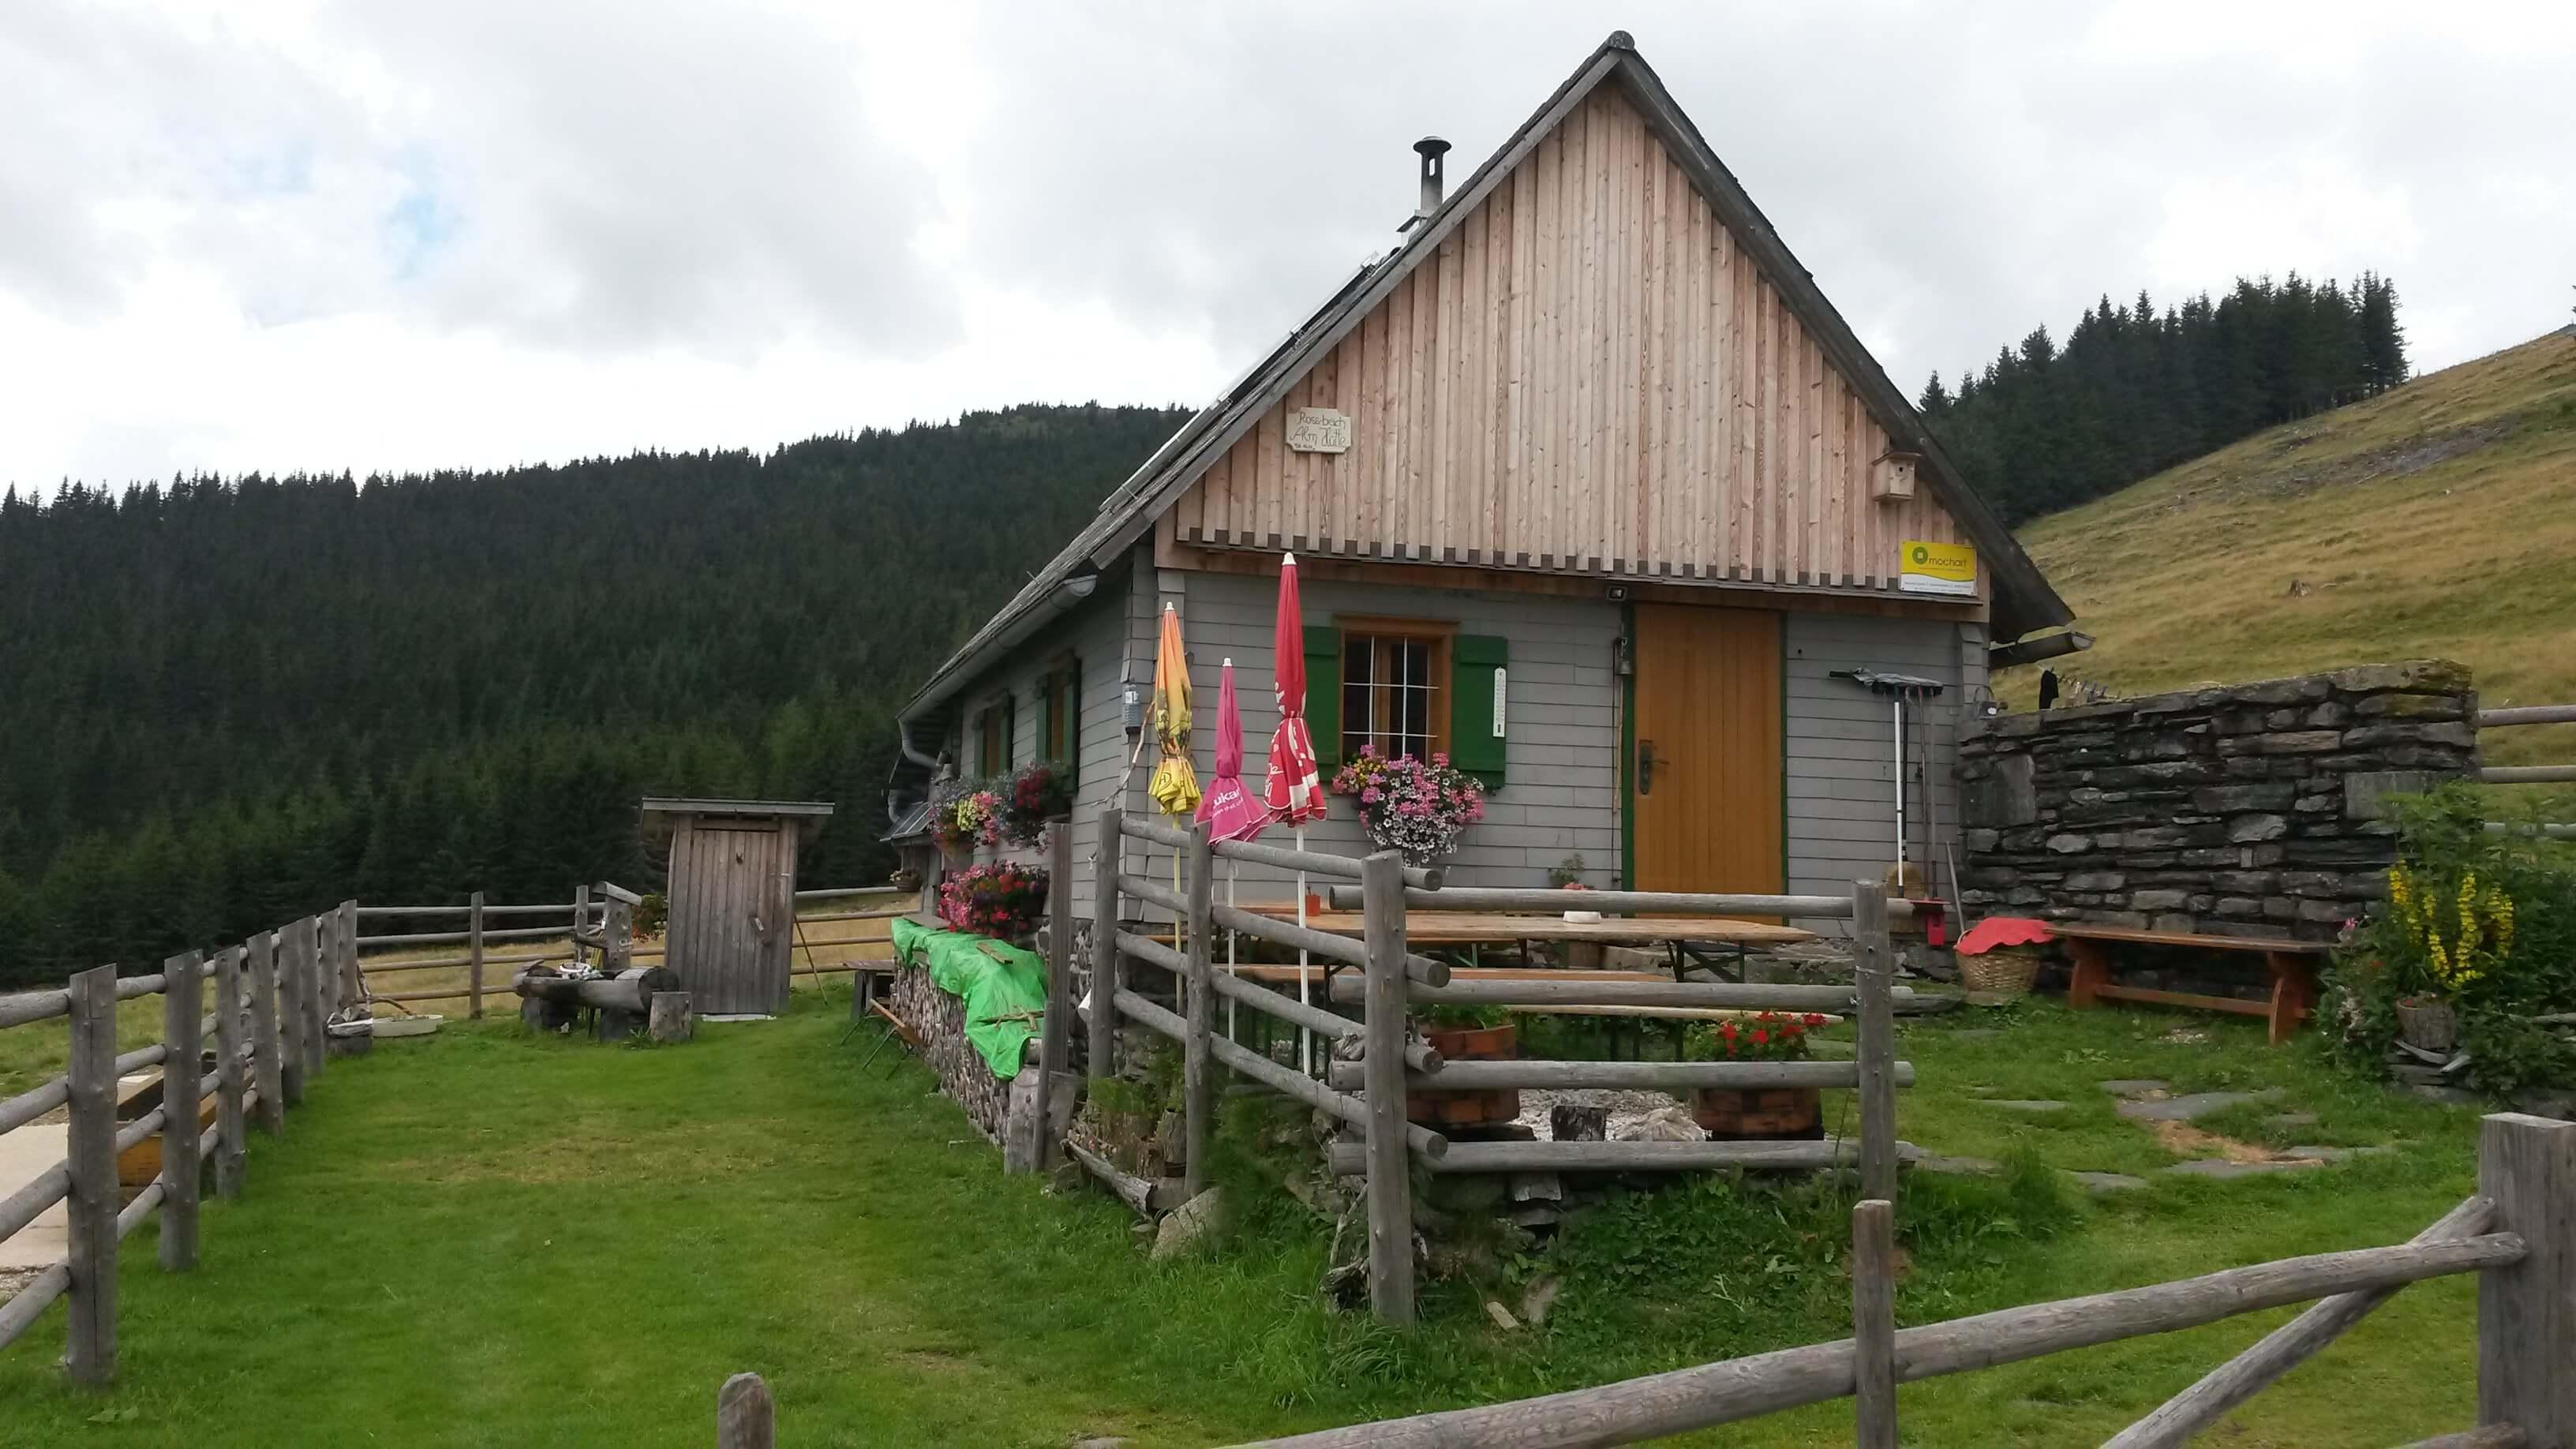 Rossbach Halter Hütte